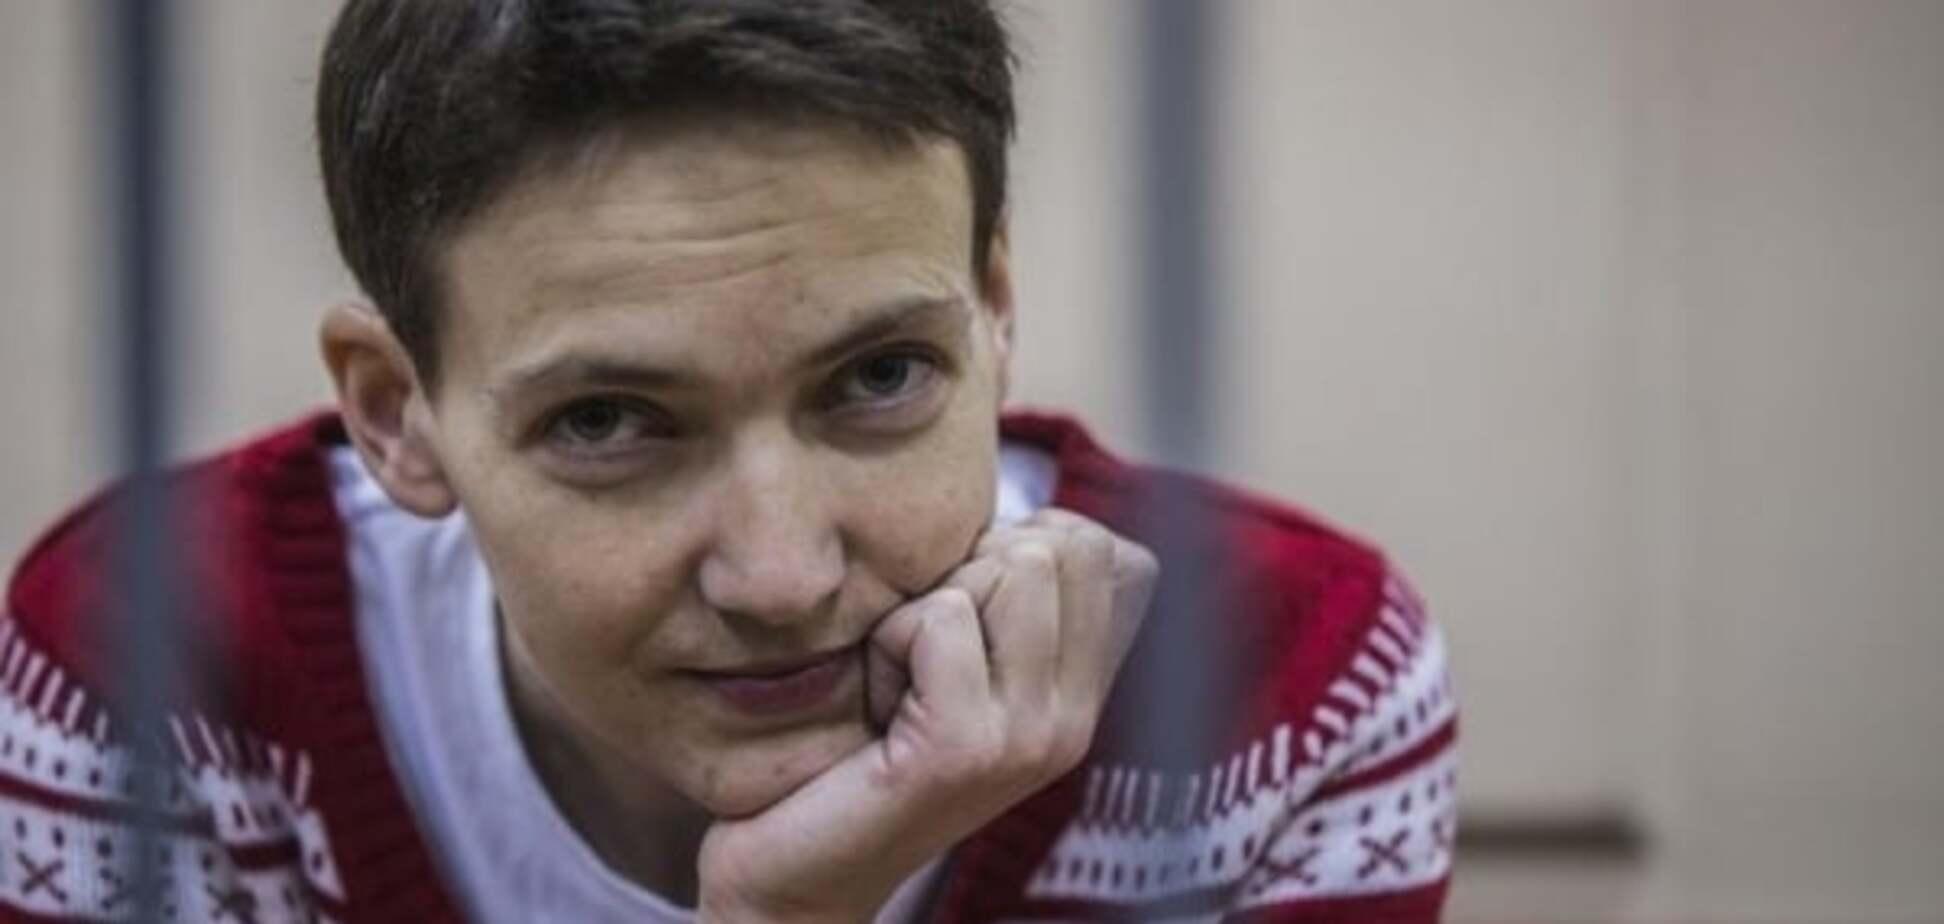 Довго чекати не стане: Савченко може відновити сухе голодування